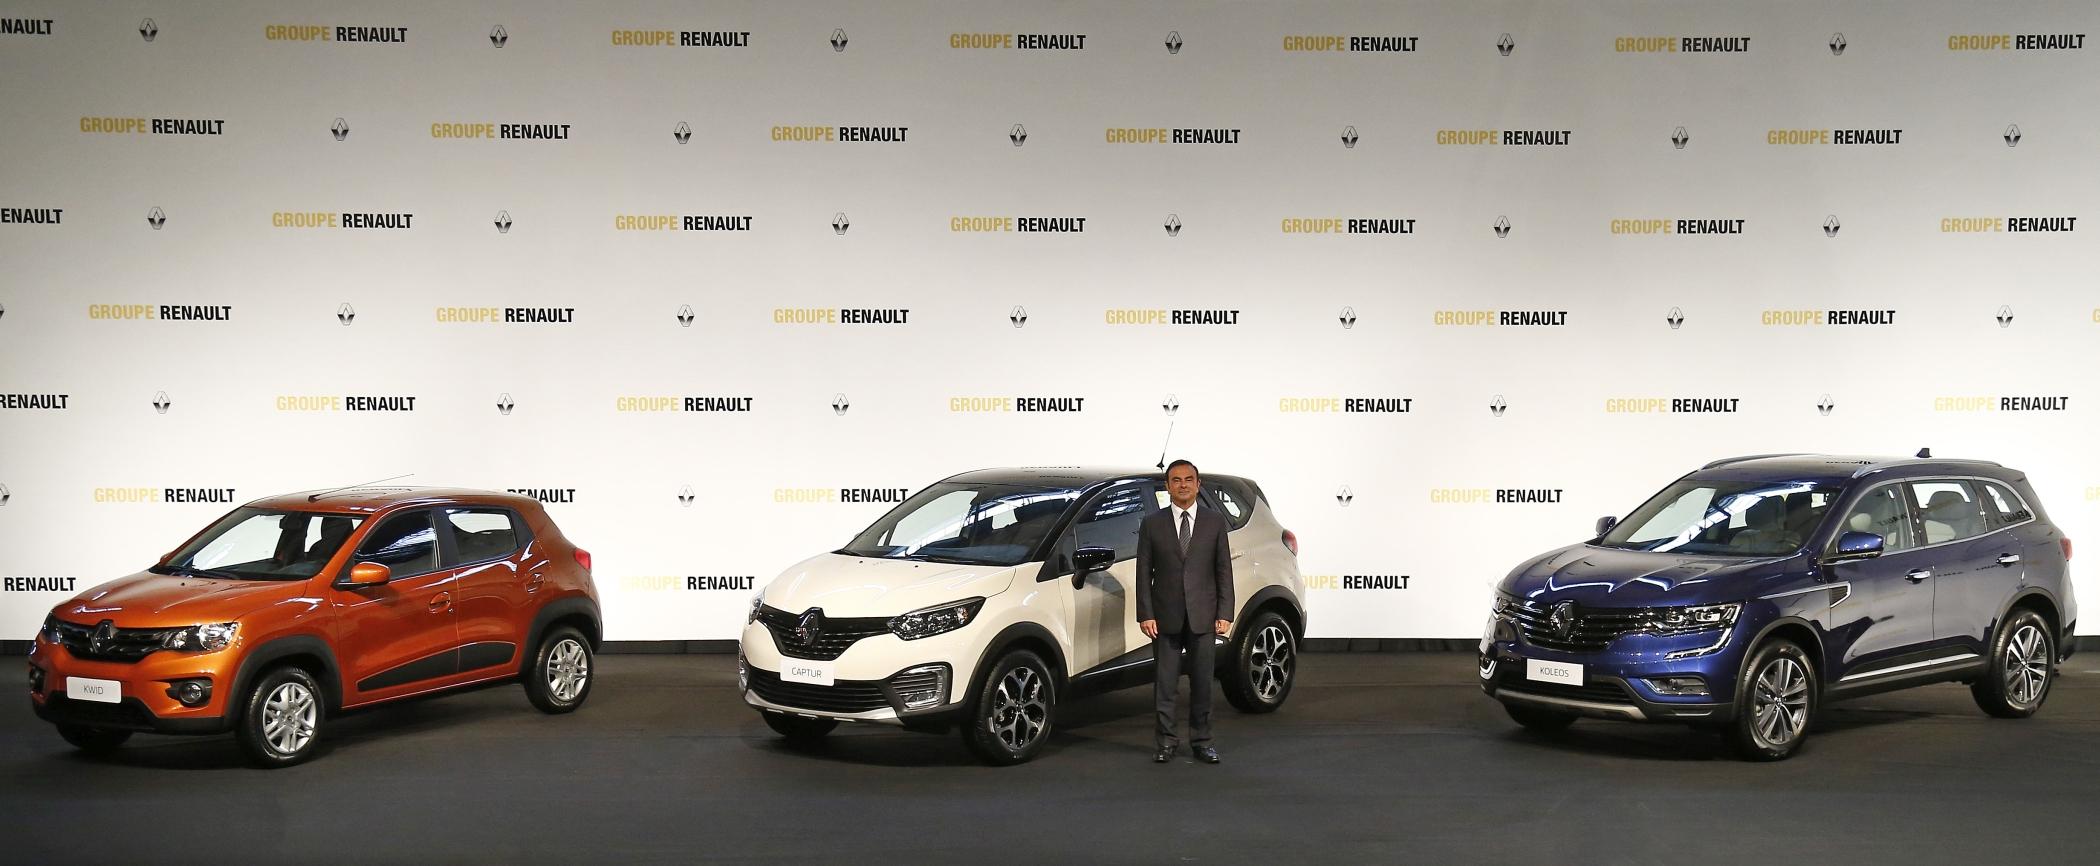 Após ex-presidente da Aliança Renault-Nissan ser preso no Japão, um vídeo de Carlos Ghosn garante inocência e aponta conspiração para tirá-lo do cargo.